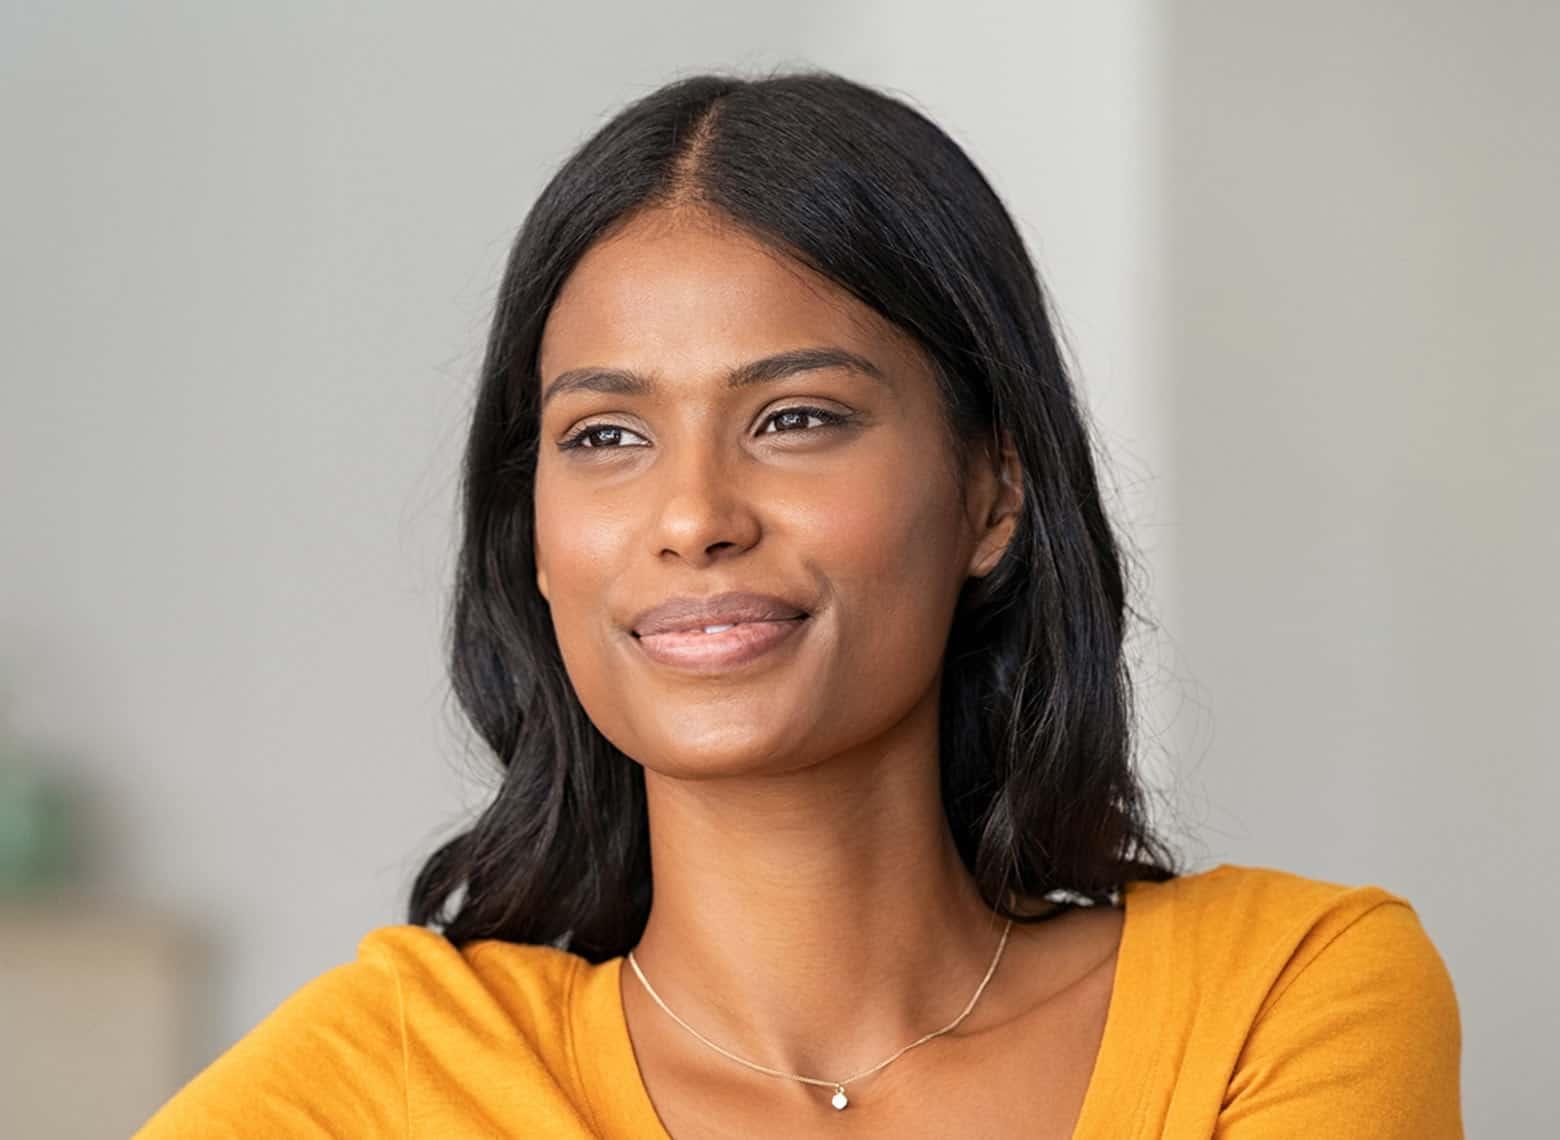 woman with mid-length cut hair